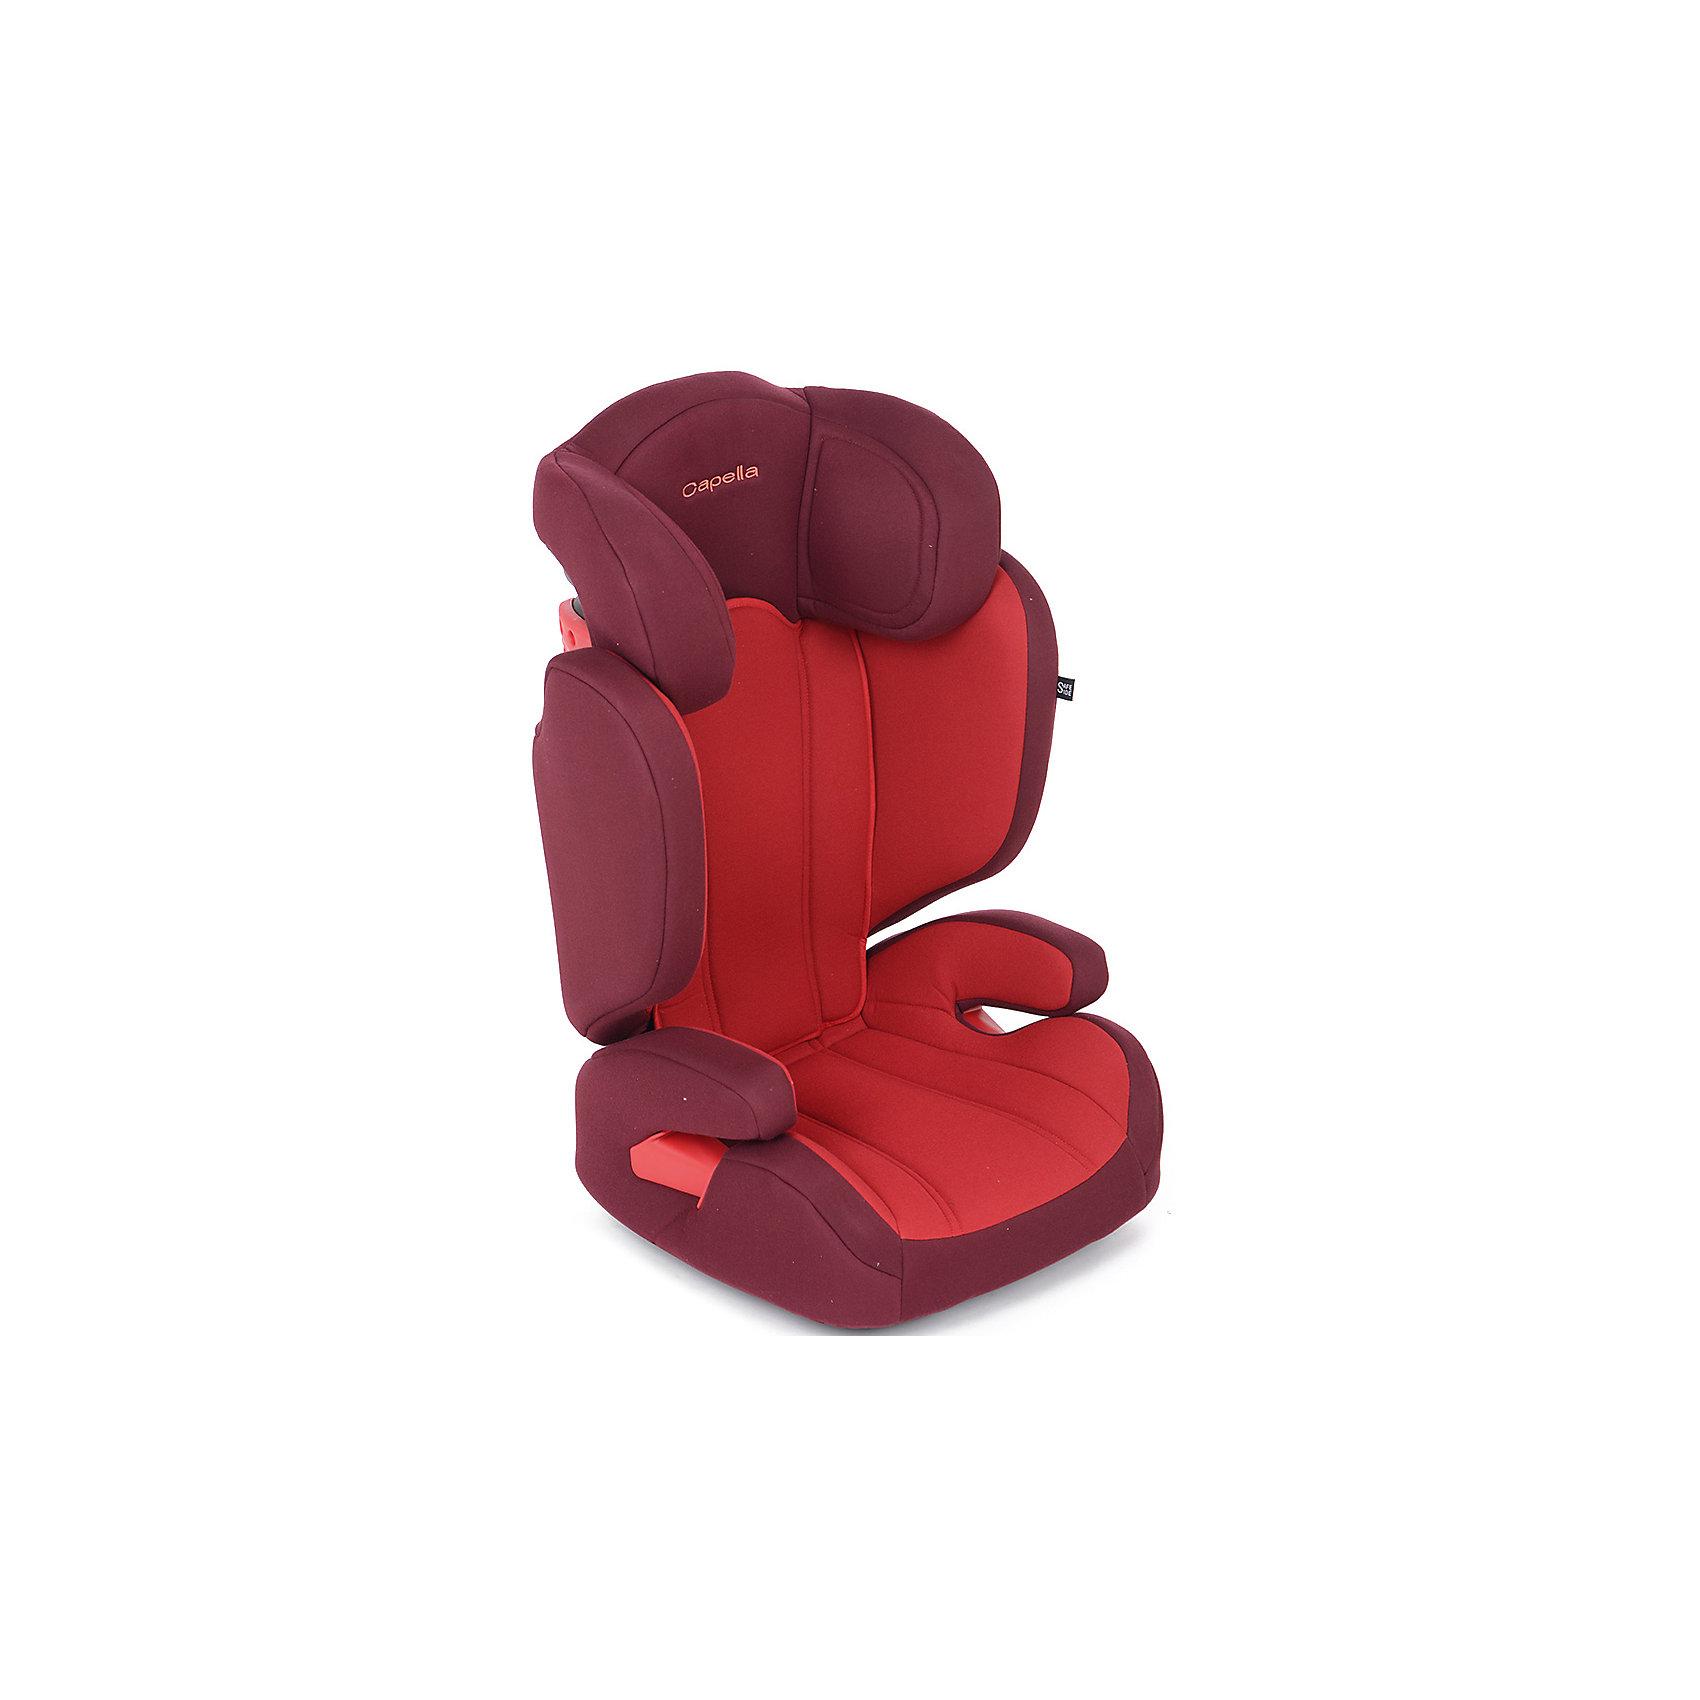 Автокресло 15-36 кг. CAPELLA, Chili Pepper, красный/малиновыйУдобное автокресло - необходимый атрибут современной семьи, в которой есть машина. Это высокотехнологичное надежное автокресло позволит перевозить ребенка, не беспокоясь при этом о его безопасности. Оно предназначено для предназначено для детей весом от 15 до 36 килограмм. Такое кресло обеспечит малышу не только безопасность, но и удобство (регулируемая высота и ширина, анатомическая форма). Ребенок надежно фиксируется в кресле и ездит с комфортом.<br>Автокресло устанавливают по ходу движения. Такое кресло дает возможность свободно путешествовать, ездить в гости и при этом  быть рядом с малышом. Конструкция - очень удобная и прочная. Изделие произведено из качественных и безопасных для малышей материалов, оно соответствуют всем современным требованиям безопасности. Оно отлично показало себя на краш-тестах.<br> <br>Дополнительная информация:<br><br>цвет: красный;<br>материал: текстиль, пластик;<br>вес ребенка:  от 15 до 36 кг;<br>регулировка наклона спинки;<br>регулировка высоты подголовника;<br>регулировка ширины сидения;<br>крепление автомобильным ремнем;<br>широкая мягкая спинка;<br>анатомичная форма;<br>дополнительная защита от боковых ударов;<br>съемный чехол;<br>соответствие стандартам ECE R44/04.<br><br>Автокресло 15-36 кг. CAPELLA, Chili Pepper, красный/малиновый от компании CAPELLA можно купить в нашем магазине.<br><br>Ширина мм: 730<br>Глубина мм: 560<br>Высота мм: 470<br>Вес г: 5250<br>Возраст от месяцев: 36<br>Возраст до месяцев: 144<br>Пол: Женский<br>Возраст: Детский<br>SKU: 4778449